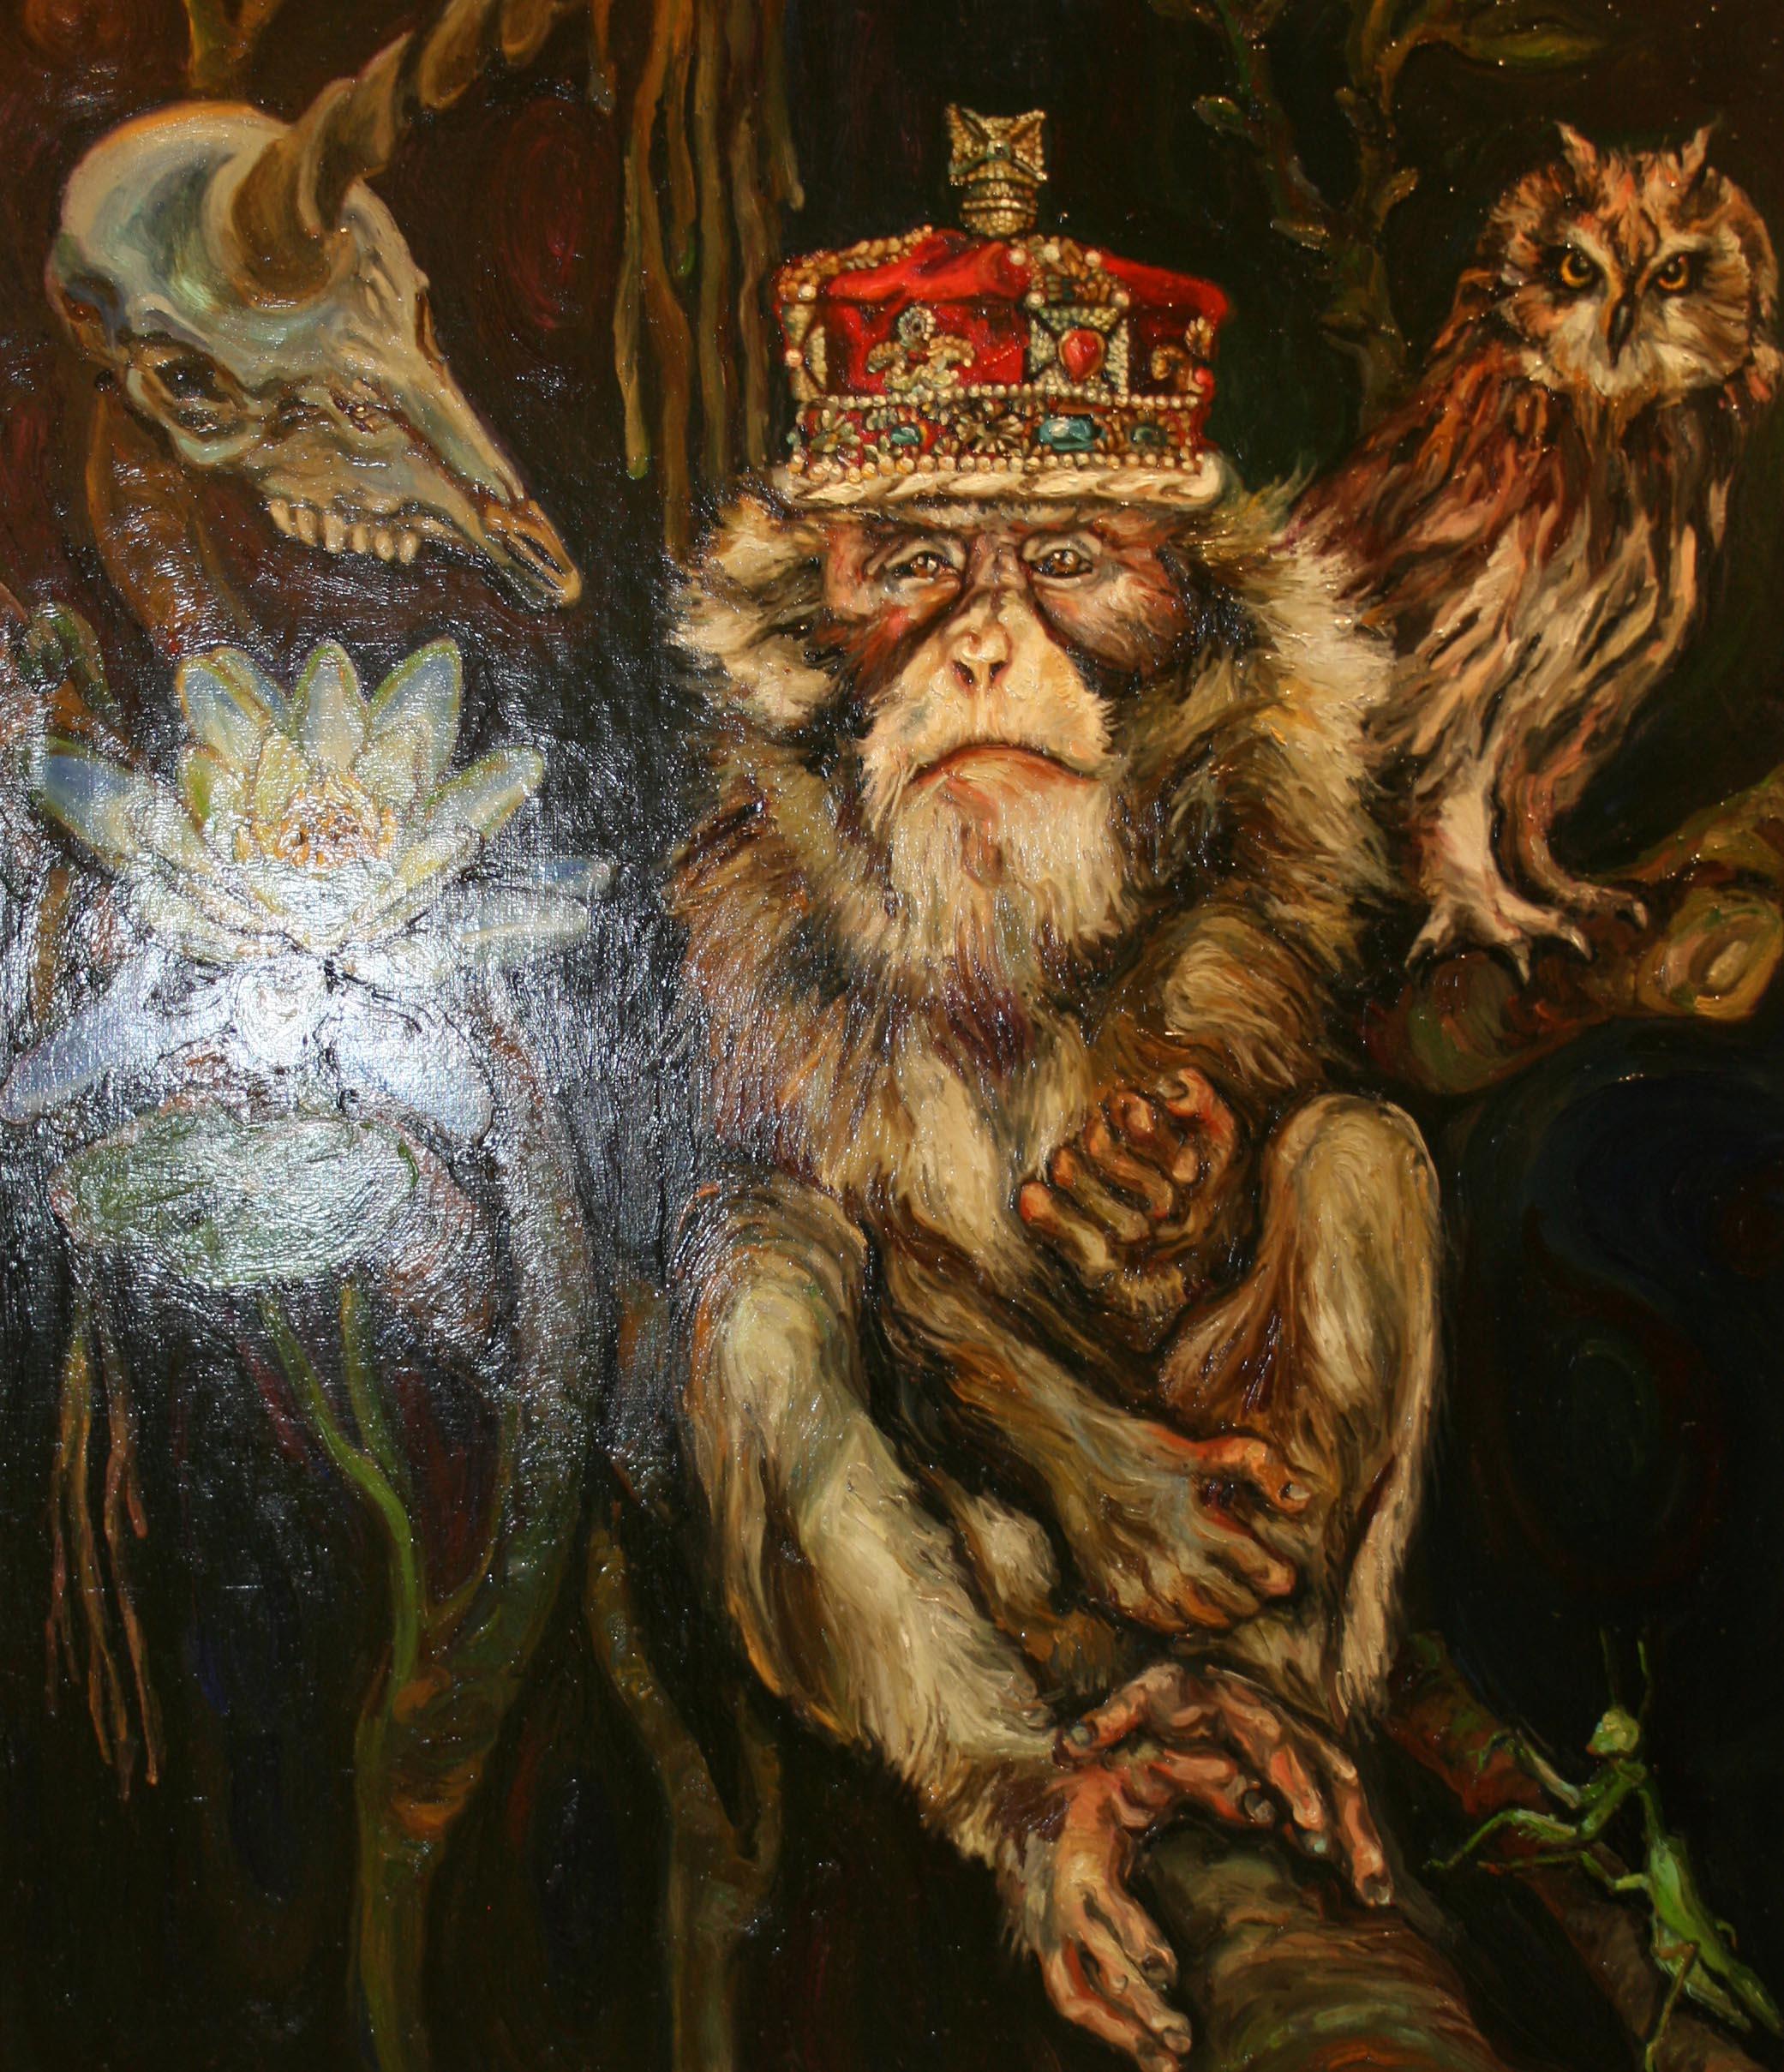 """Неизвестные разгромили выставку художника Чичкана: """"все оригиналы работ уничтожены"""" - Цензор.НЕТ 6752"""